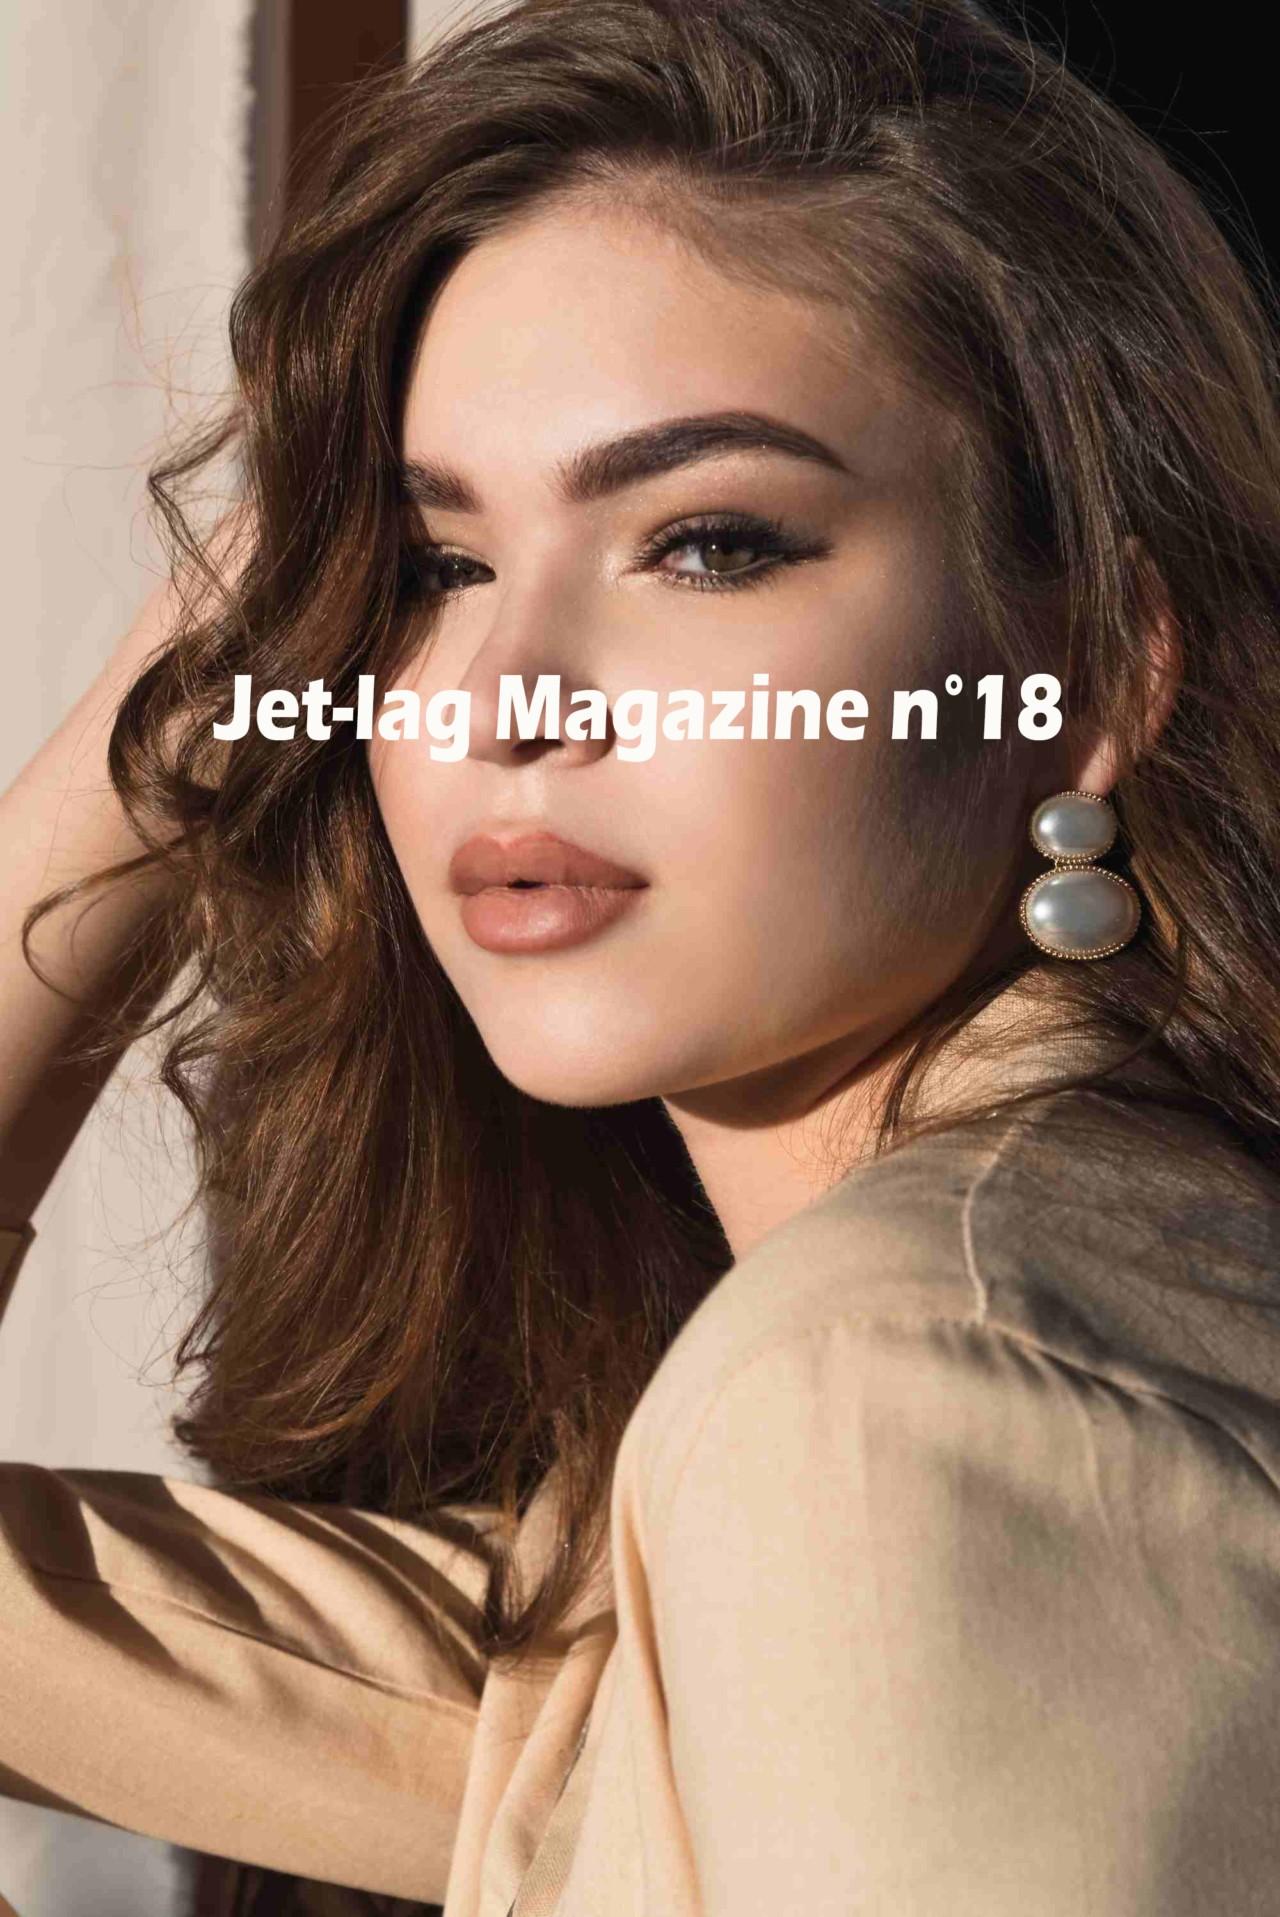 Jet-lag Magazine n°18